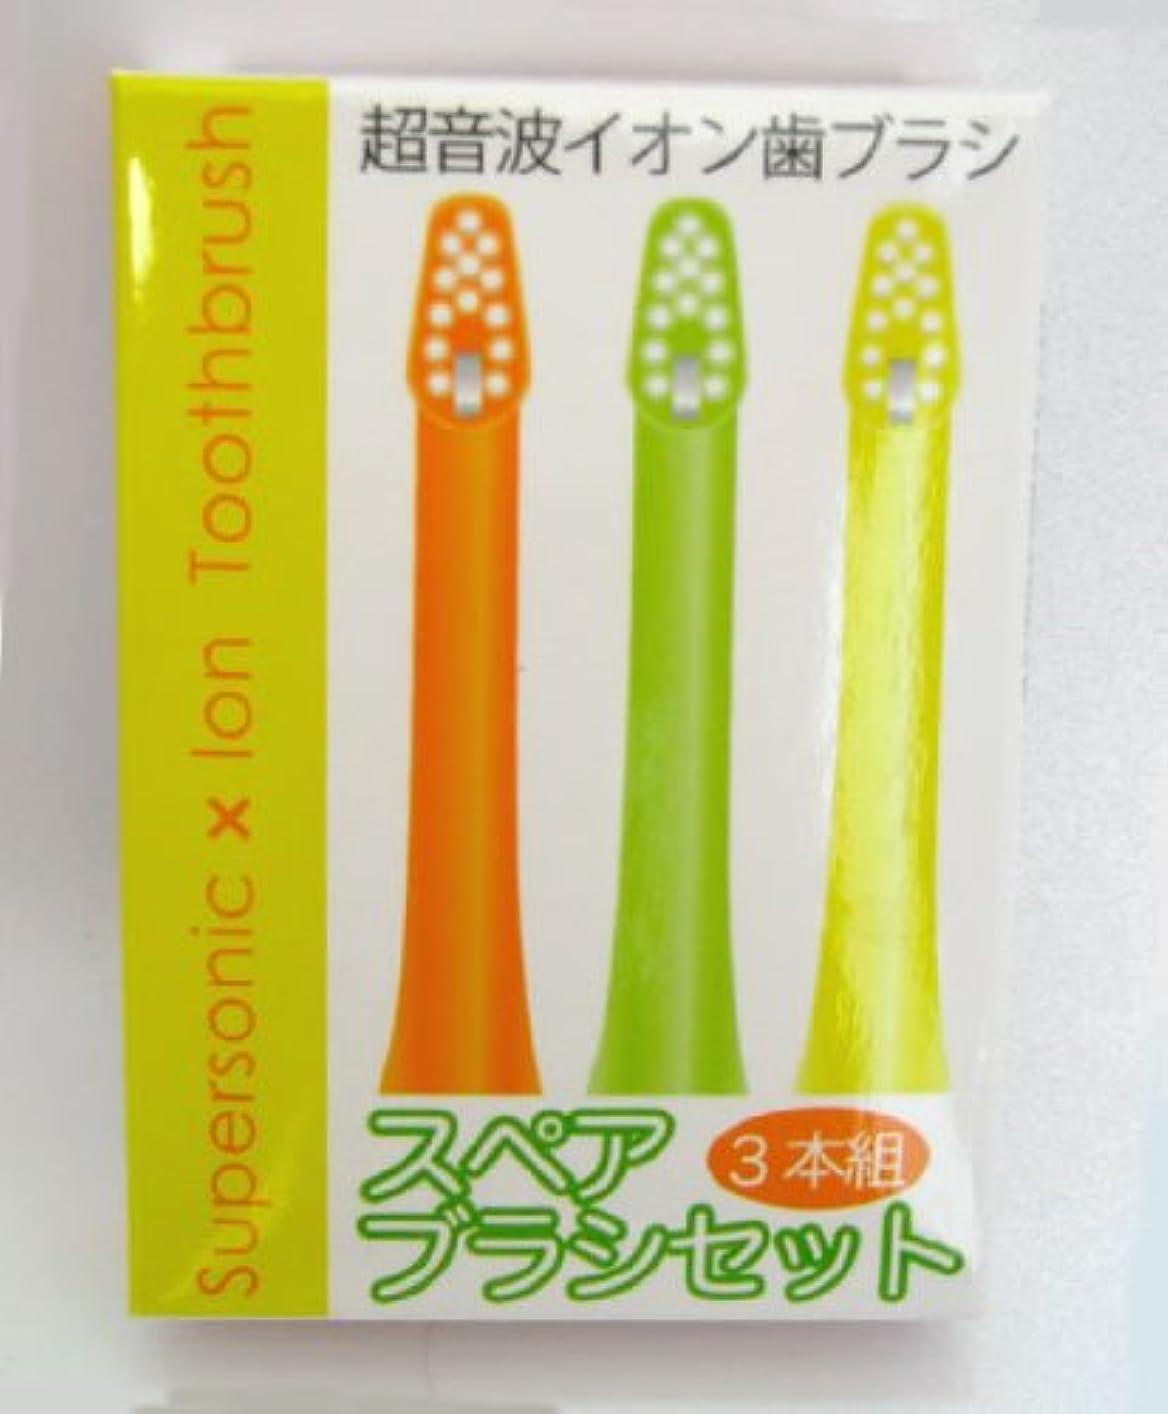 キャラクターマニアマークされた超音波イオン歯ブラシ専用スペアブラシ3本セット(交換用ブラシ)